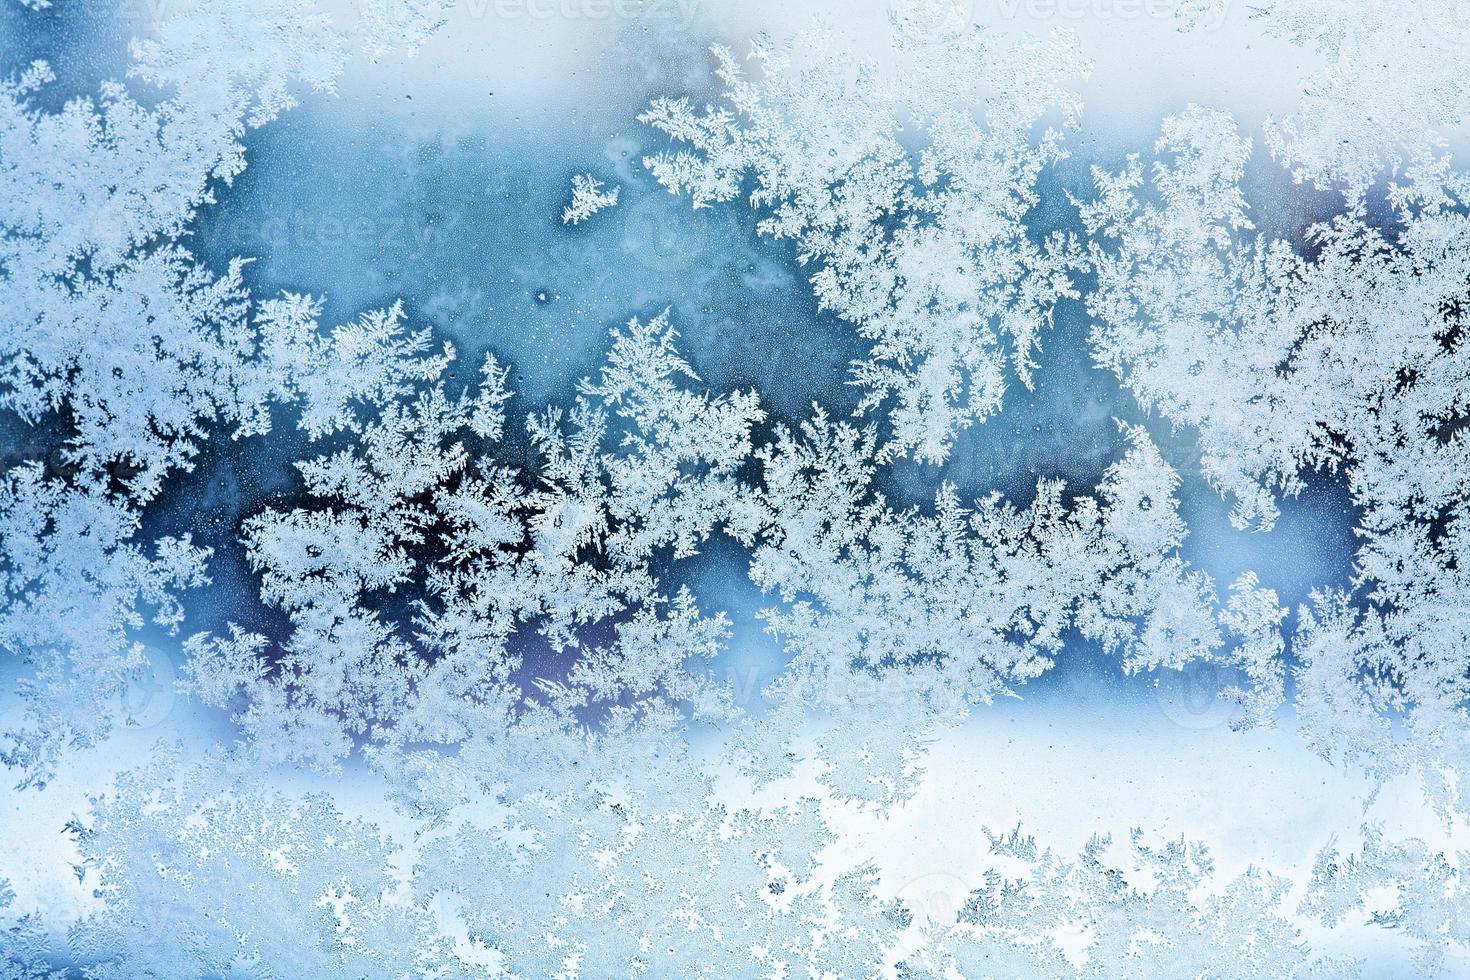 abstrato de geada de inverno foto